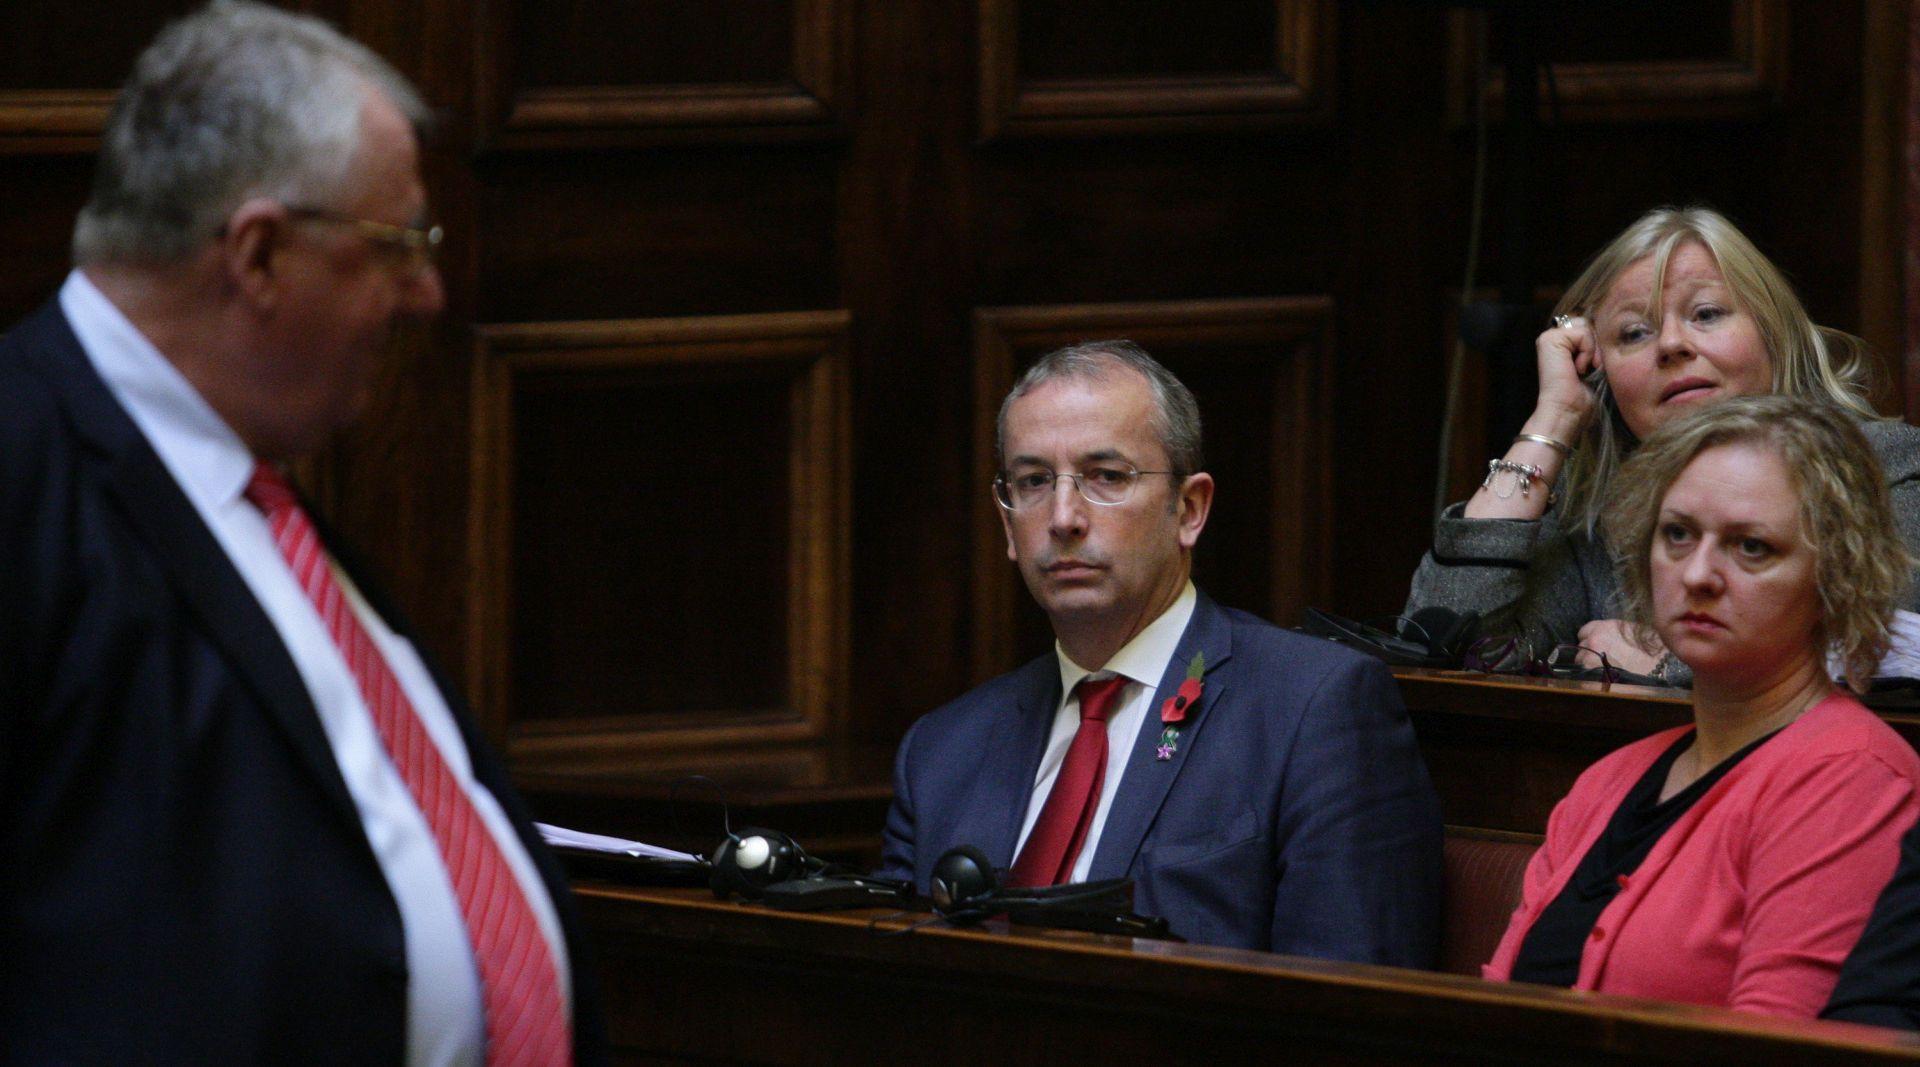 Srbijanski parlament: Davenport nije uspio predstaviti izvješće EK-a